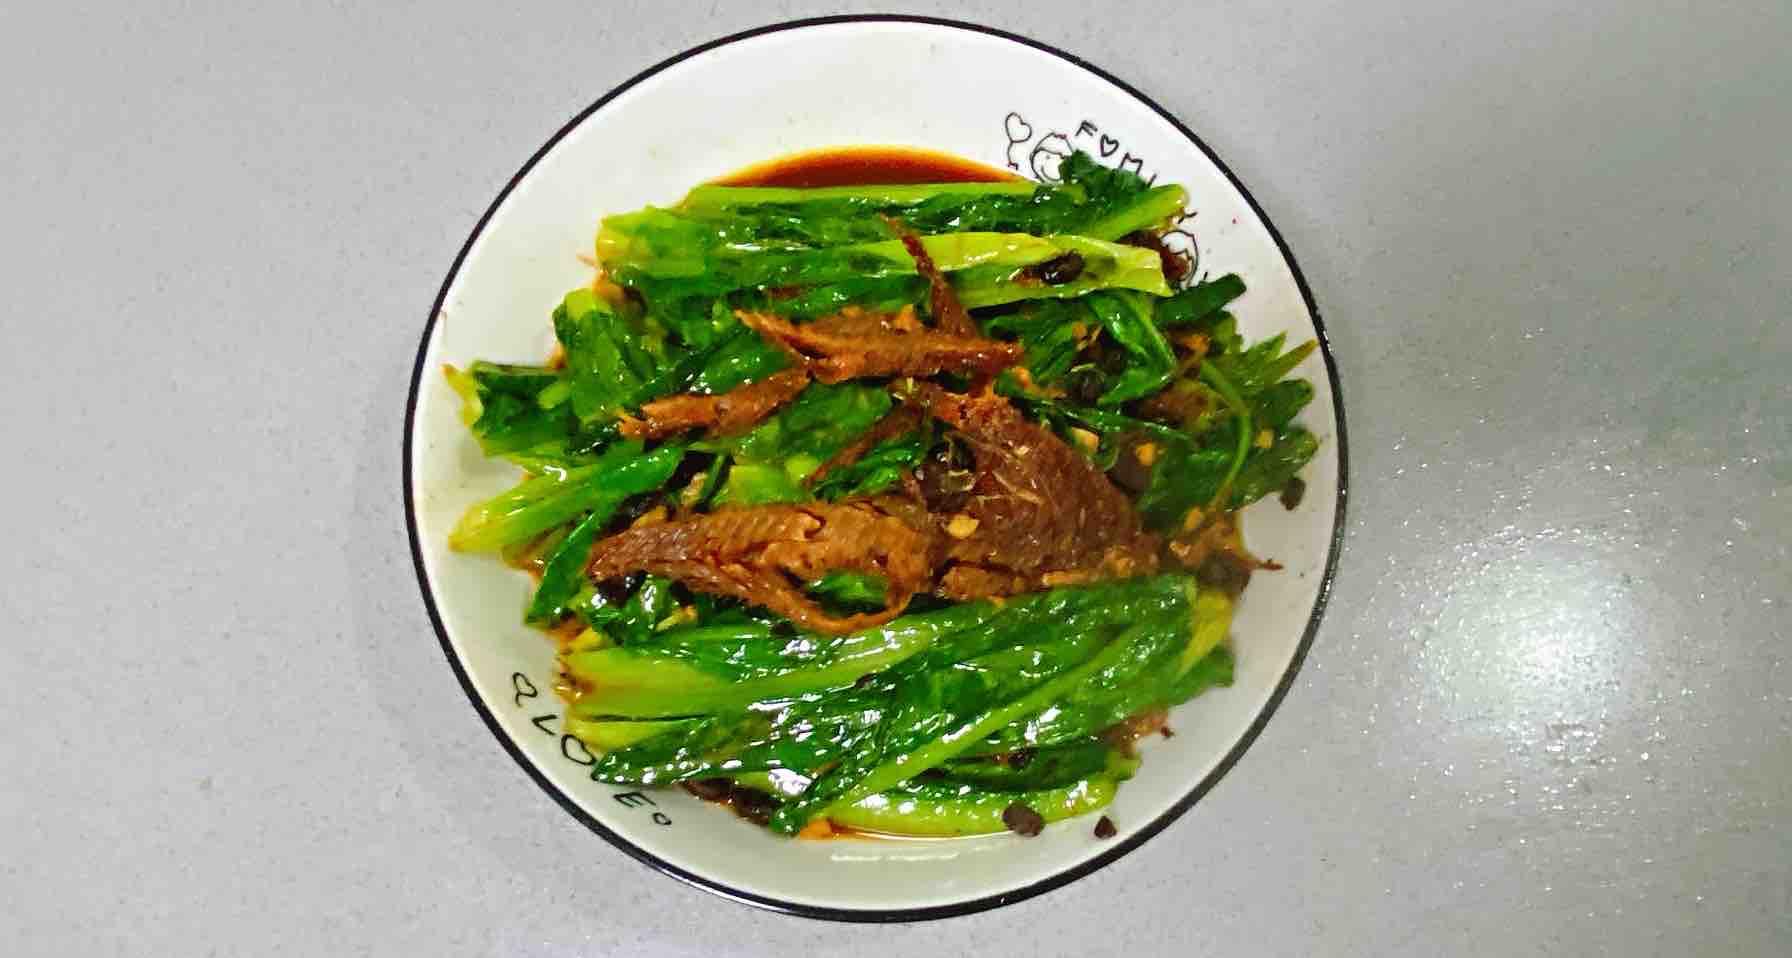 【孕妇食谱】豆豉鲮鱼油麦菜,鲜香扑鼻,美味又下饭~的步骤